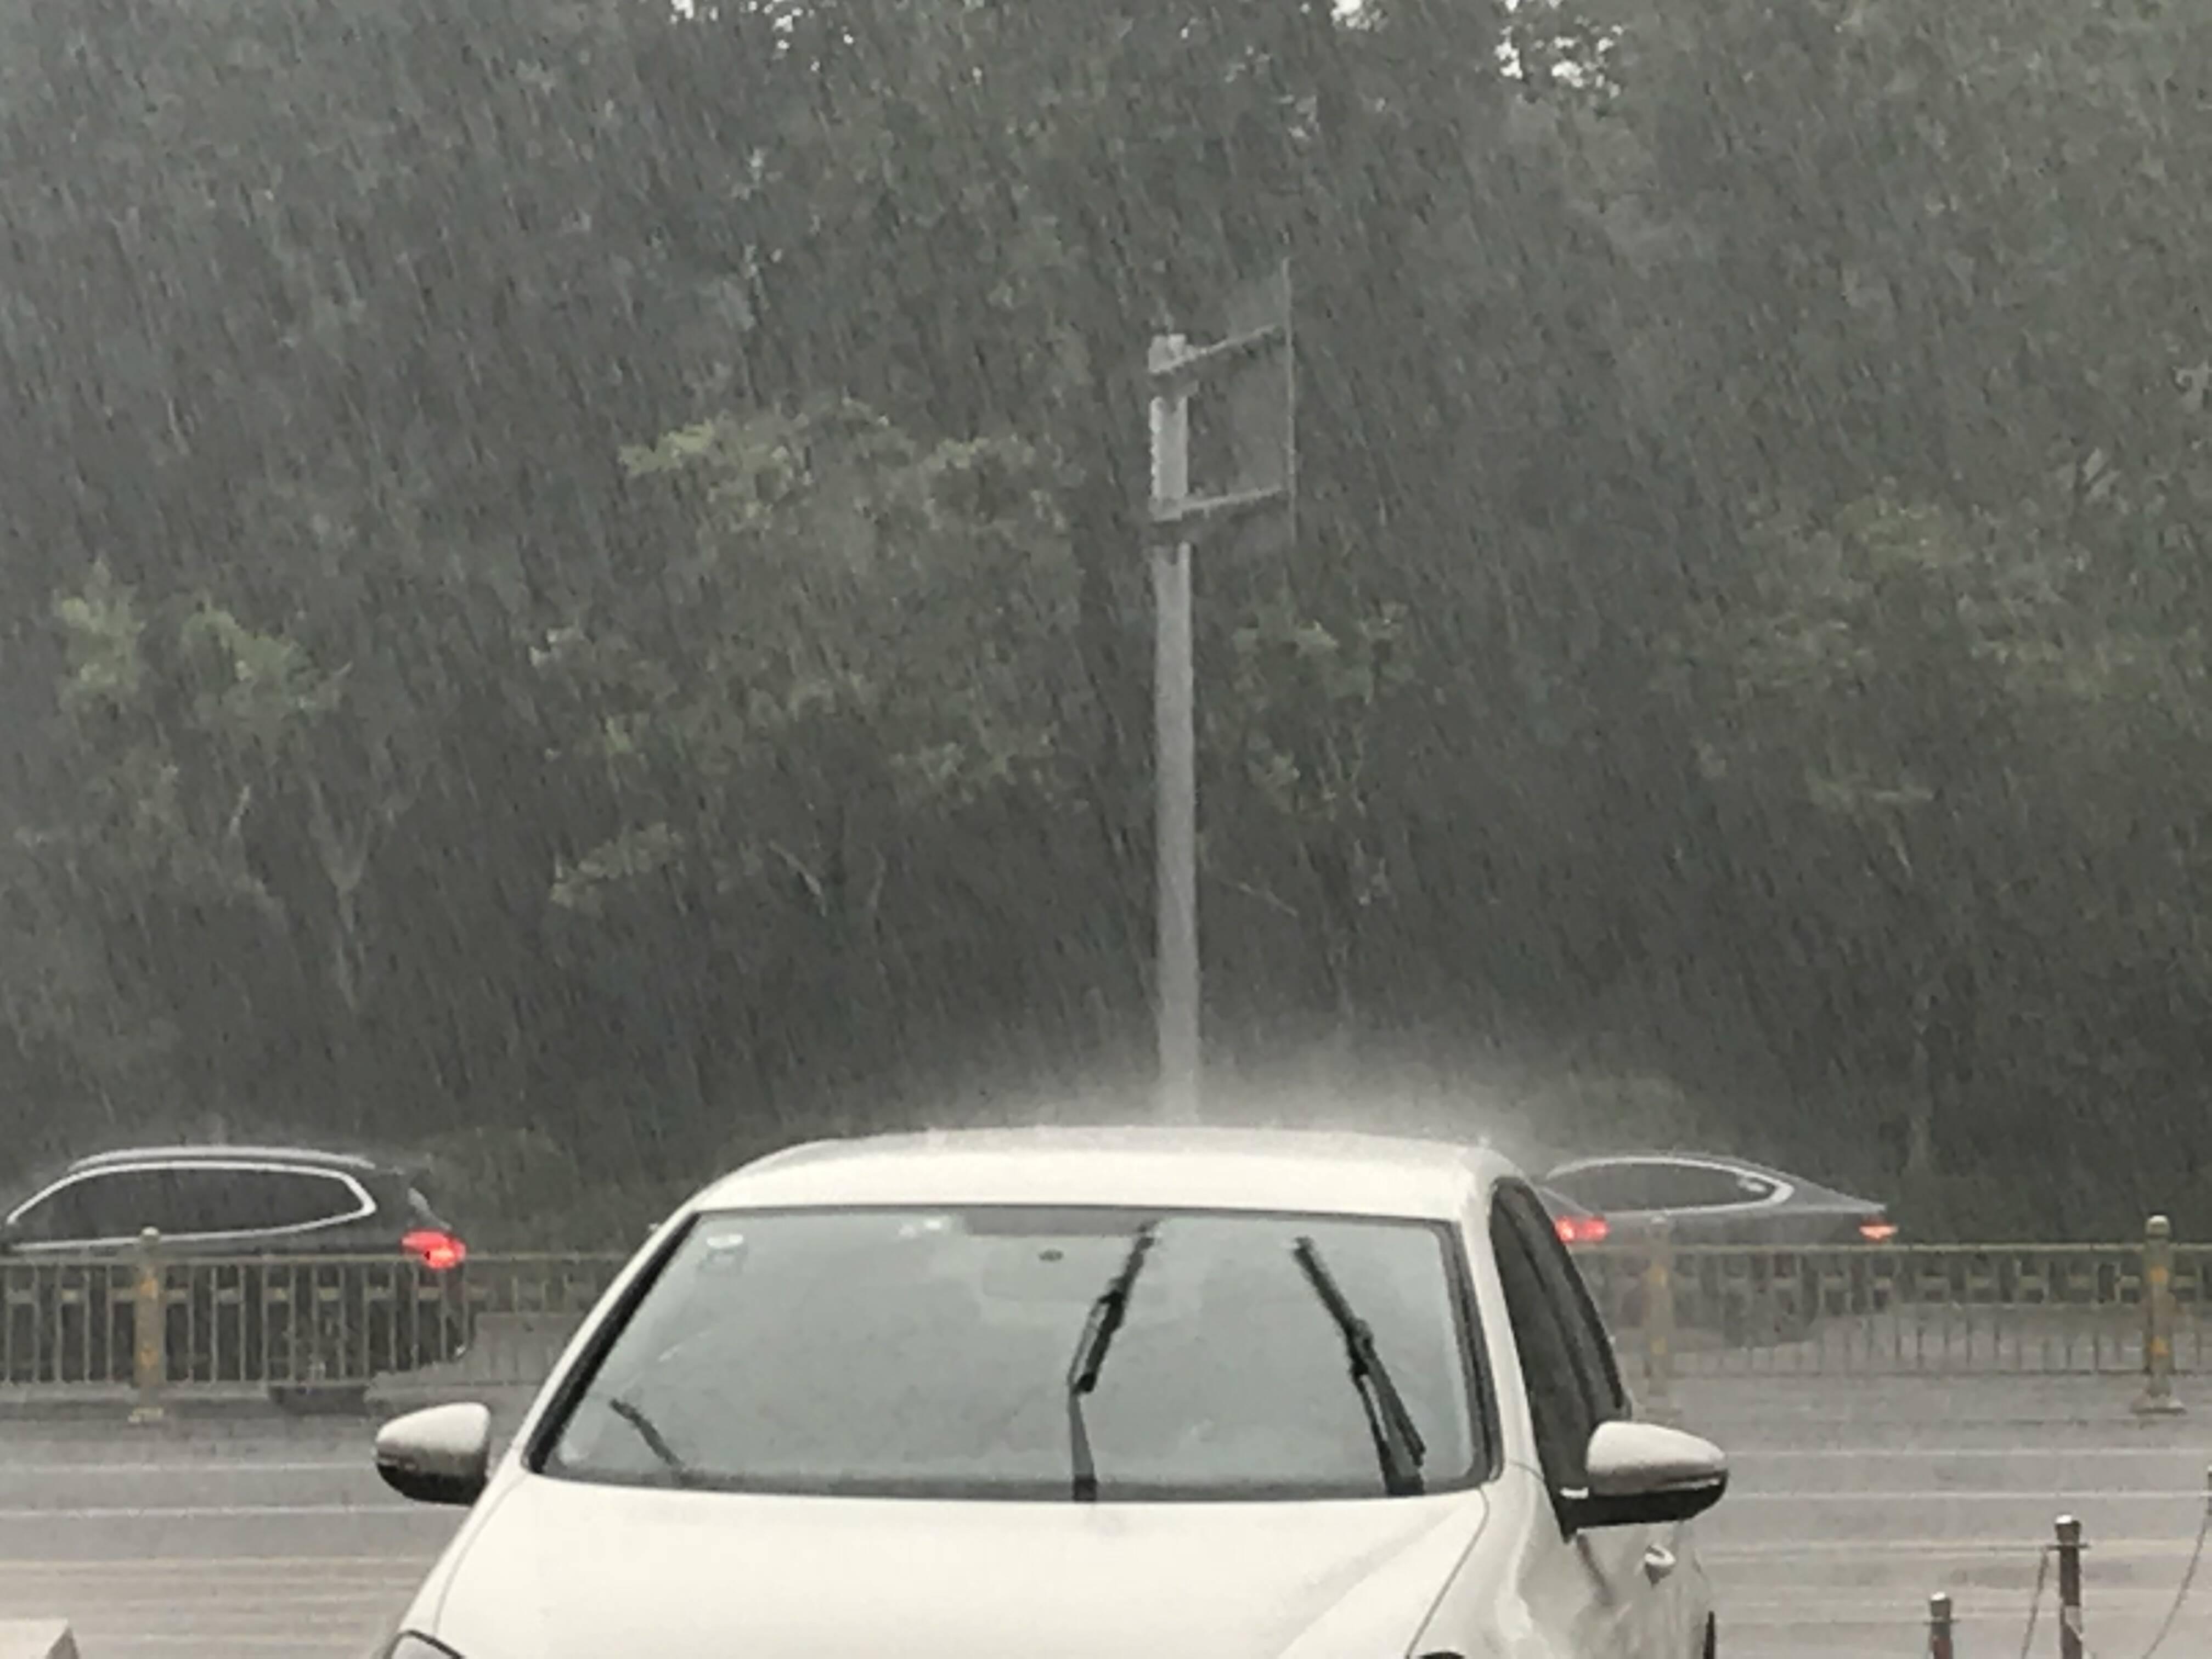 济南午后突降瓢泼大雨!气象专家释疑:气温高、湿度大产生强对流